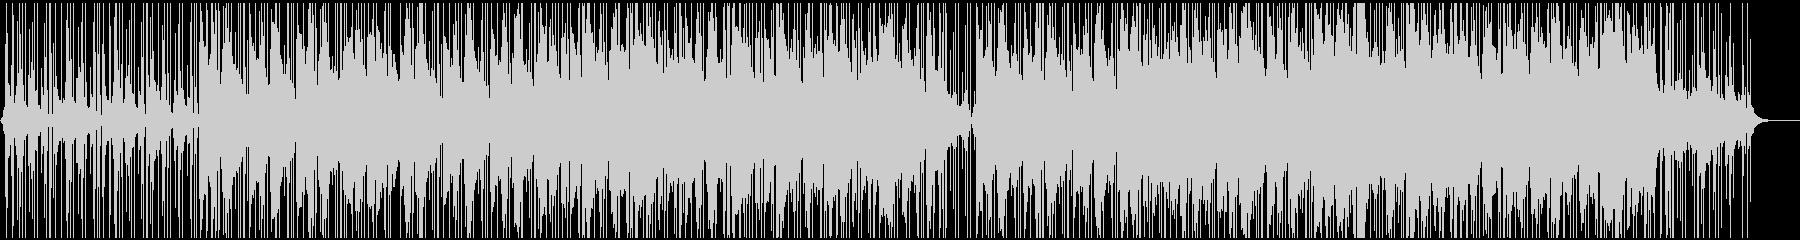 ピアノの旋律が印象的なチルヒップホップの未再生の波形